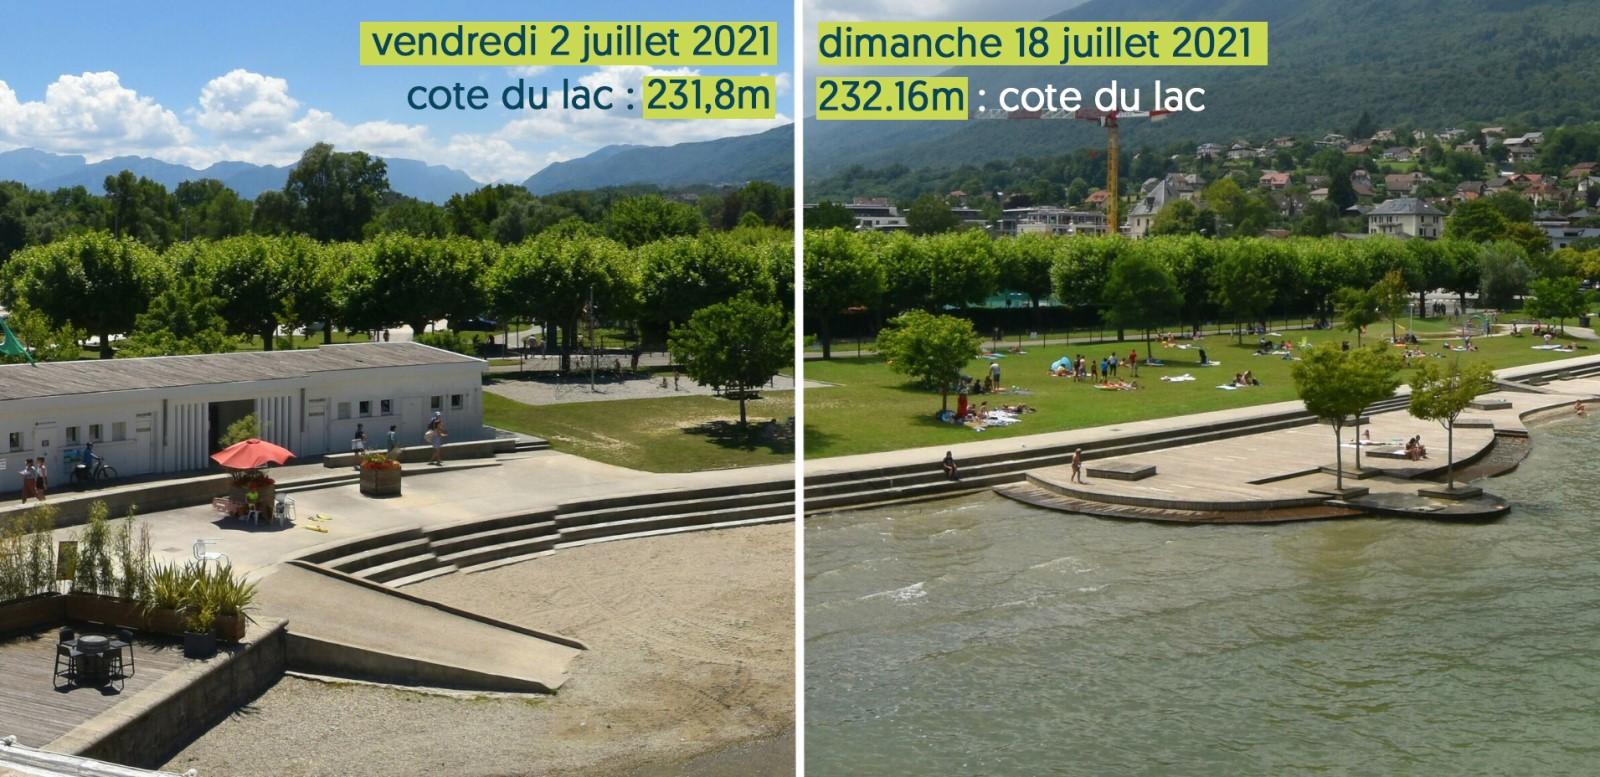 Photos prises par la webcam d'Aix-les-Bains Riviera des Alpes, au Bourget-du-Lac